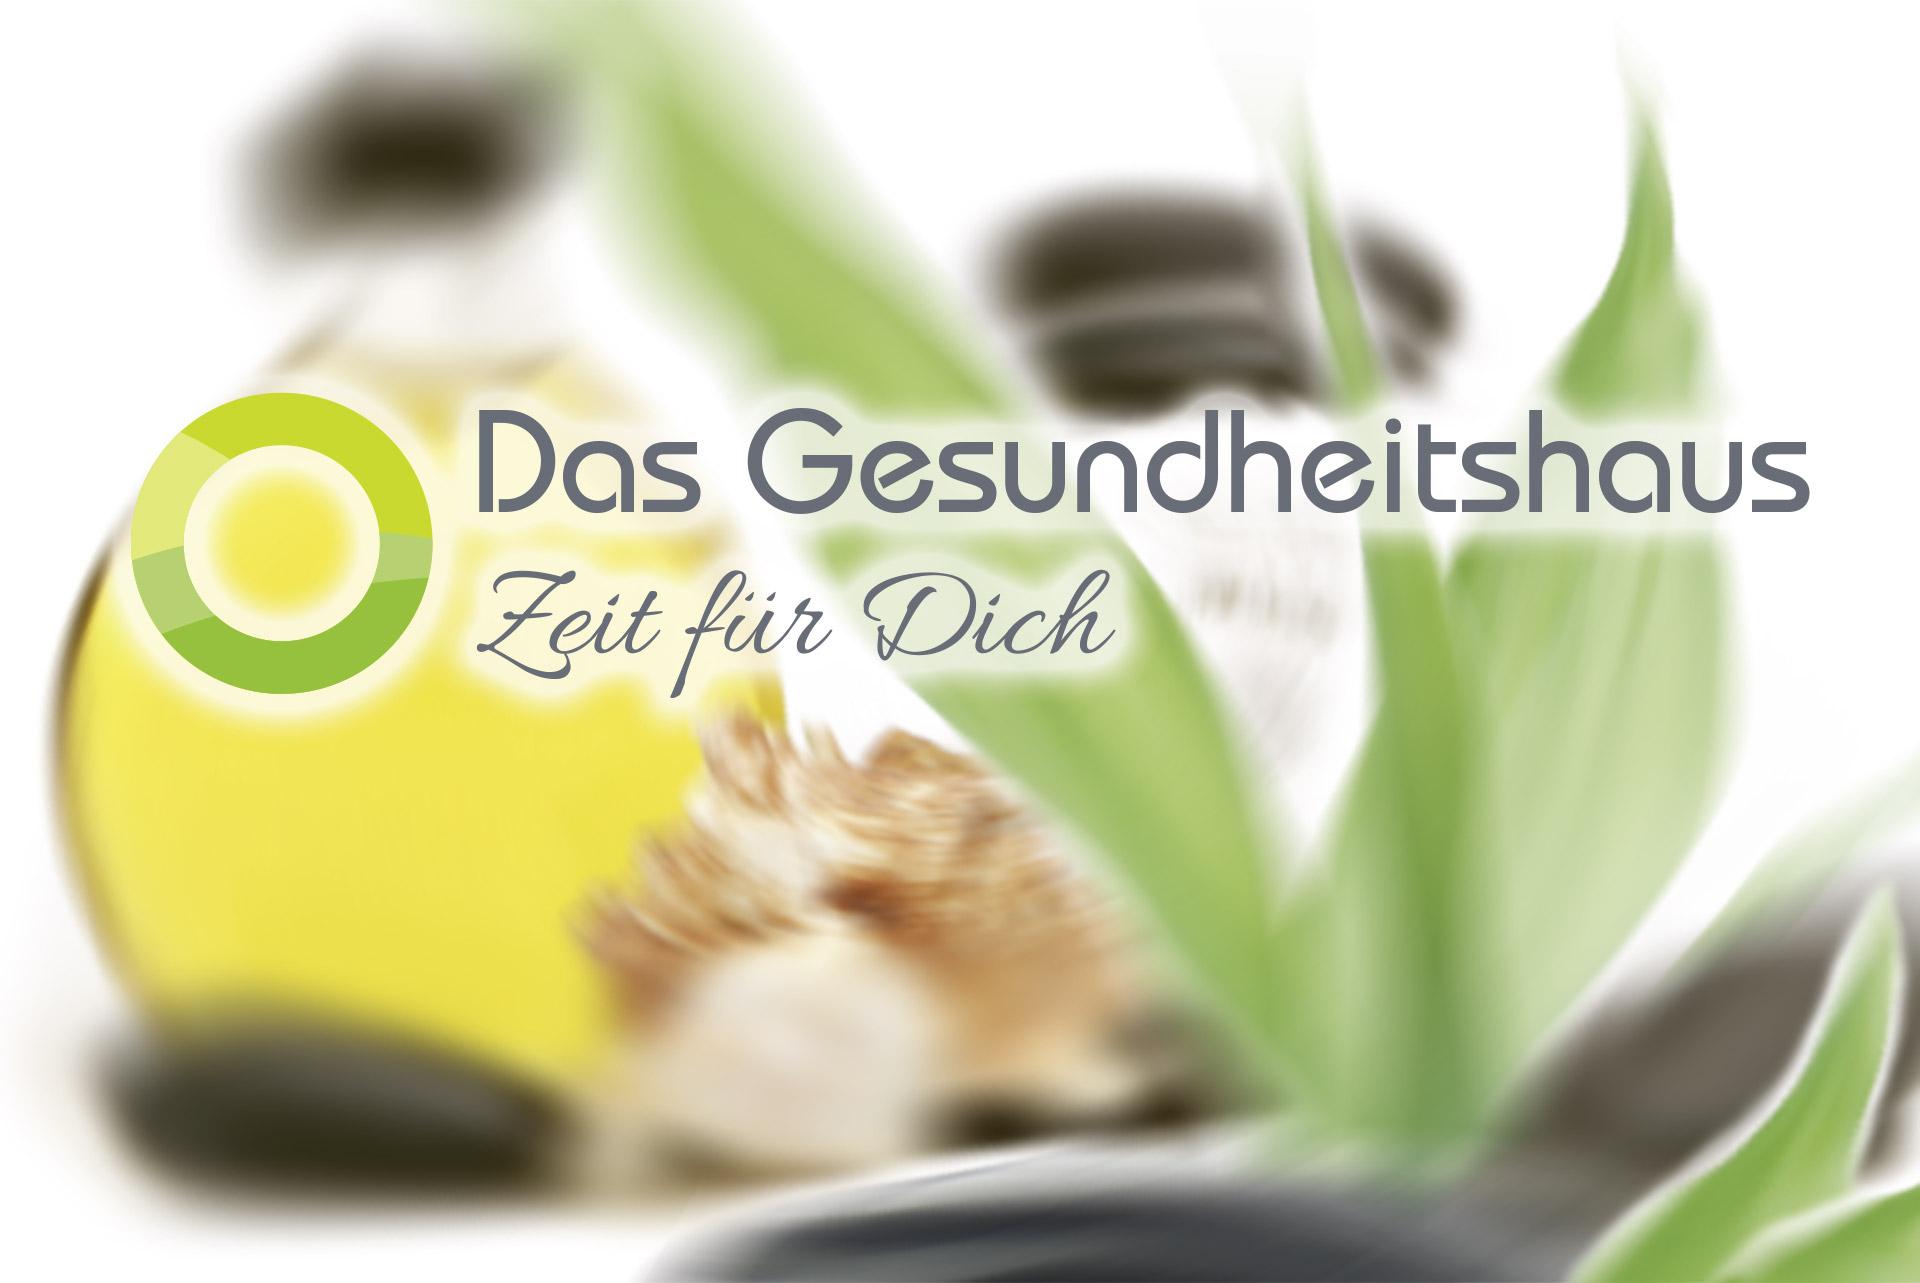 Gesundheitshaus_Titel1